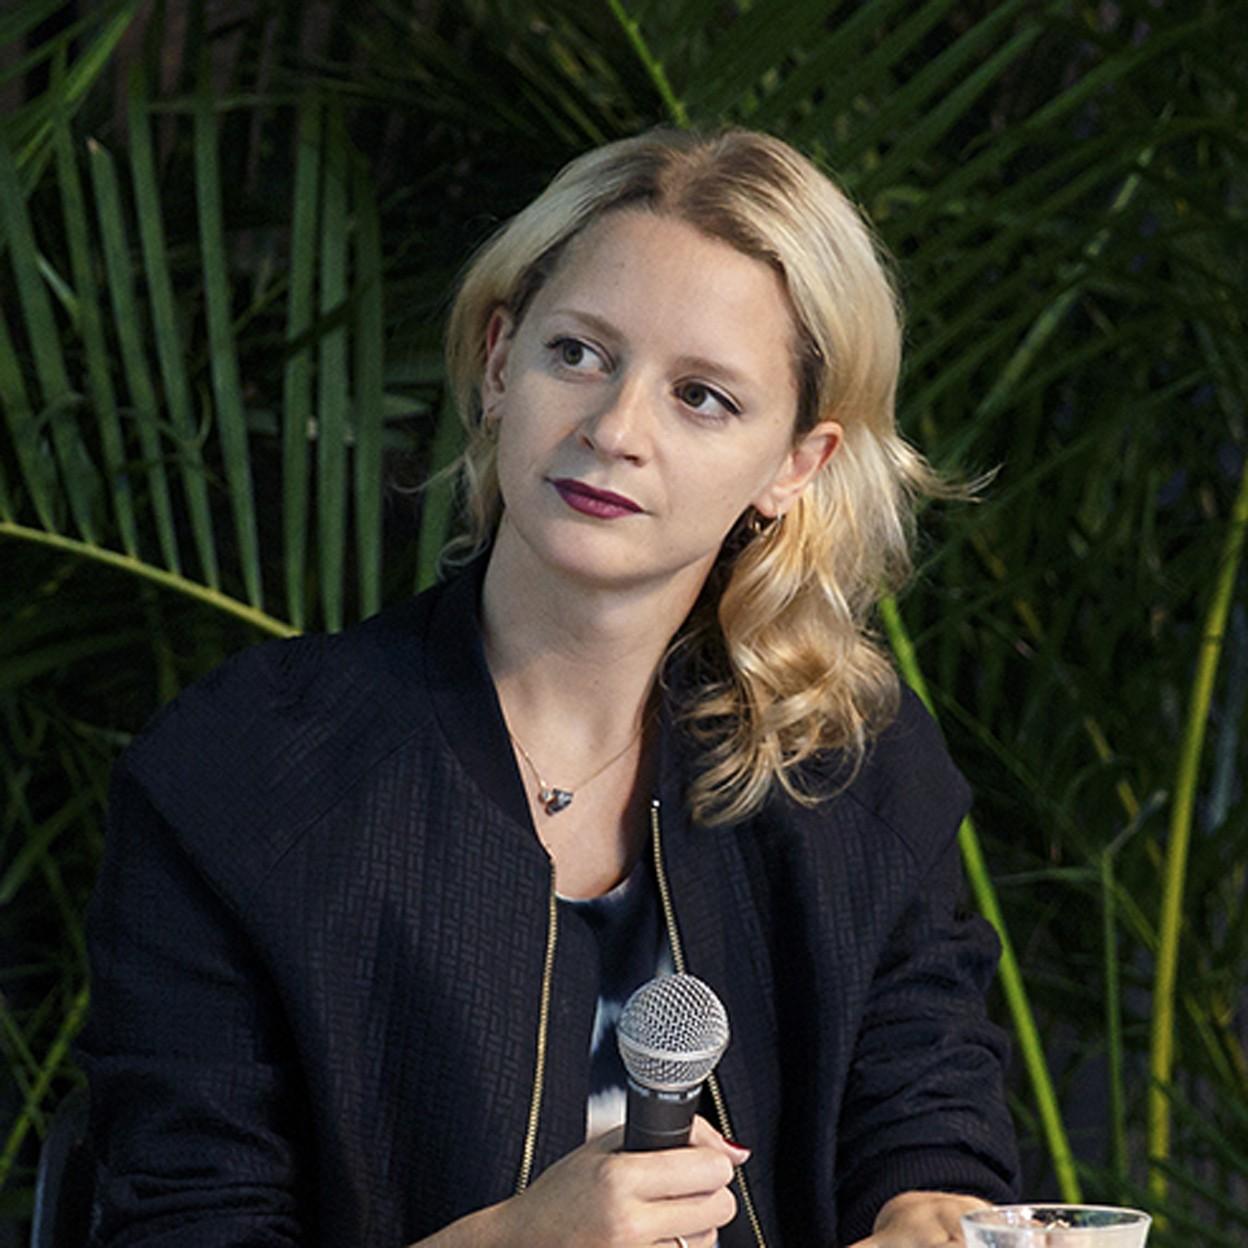 Natasha Hoare